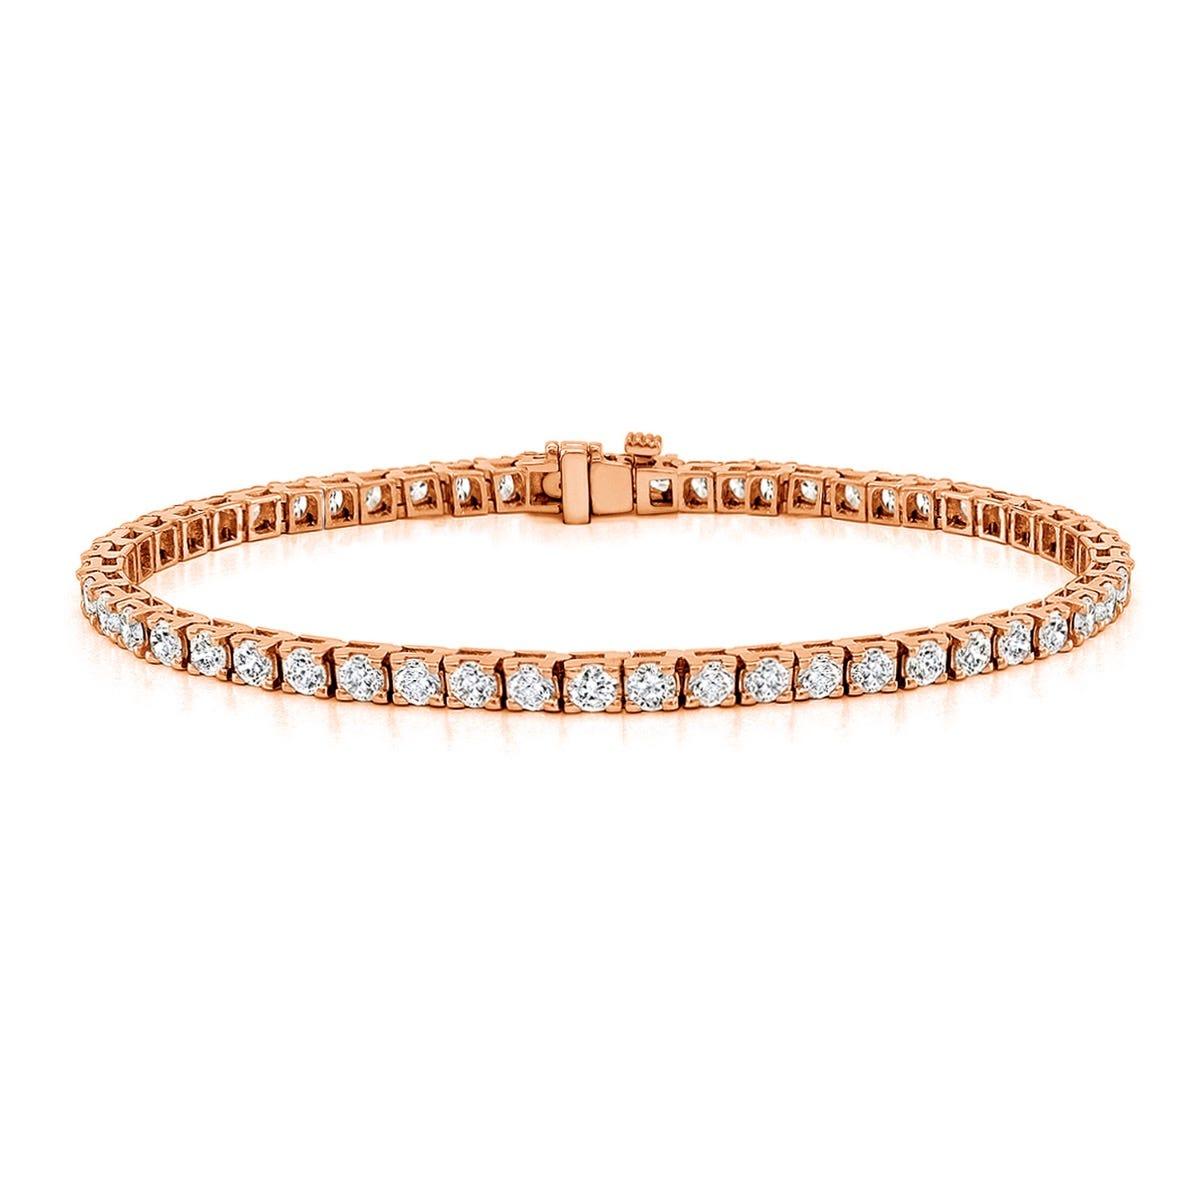 4ctw. 4-Prong Square Link Diamond Tennis Bracelet in 14K Rose Gold (JK, I2-I3)